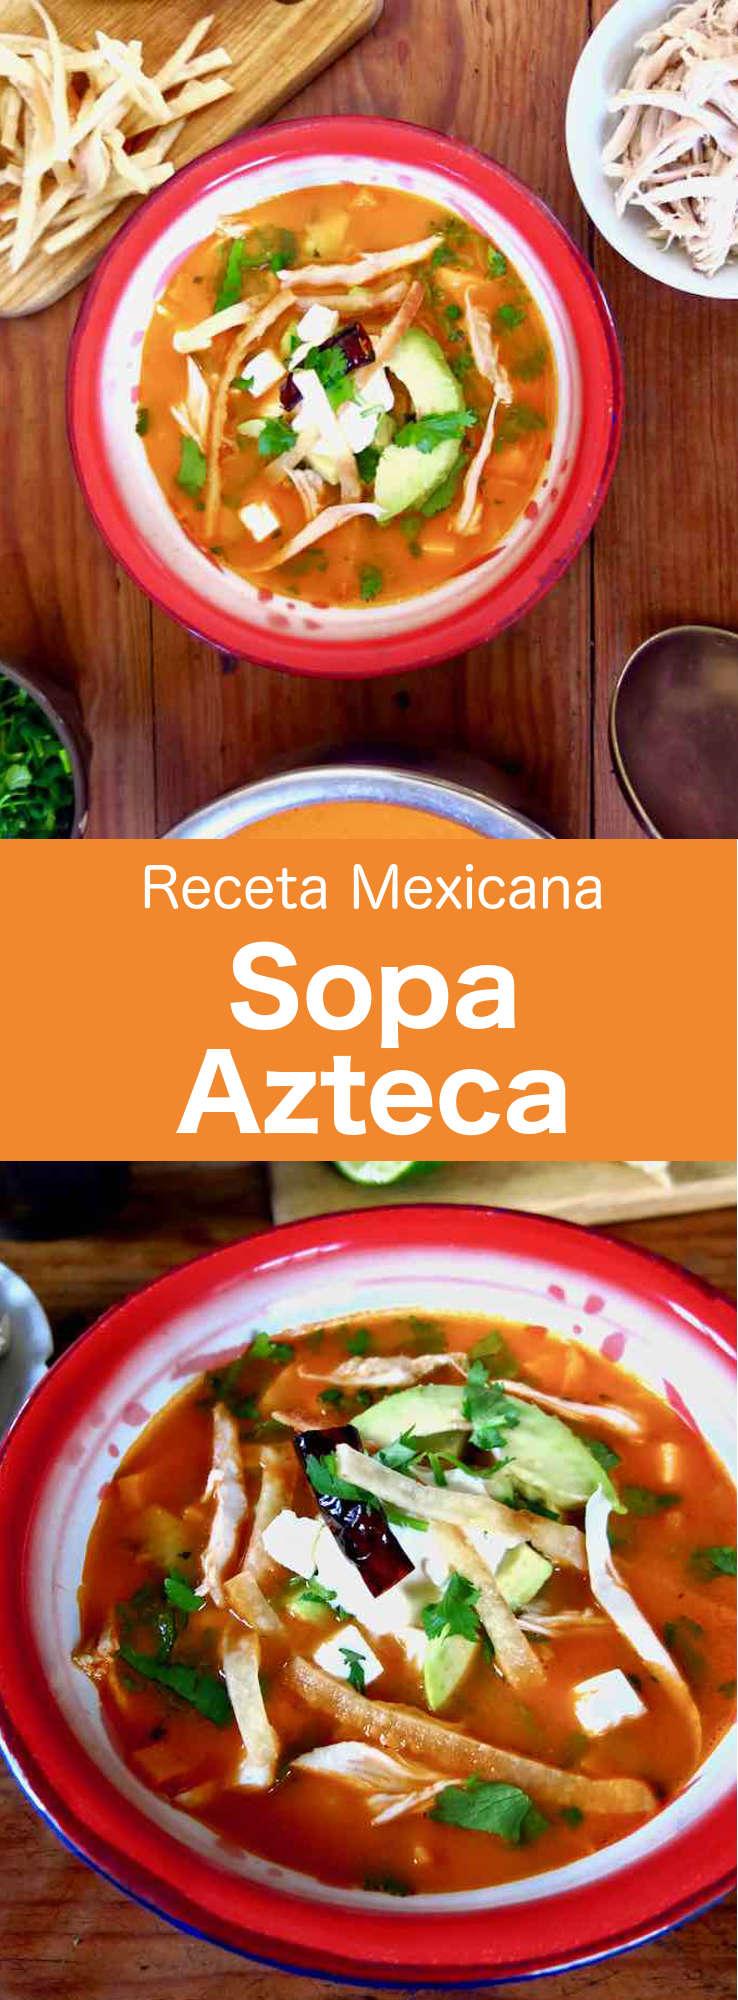 La sopa azteca es una deliciosa receta de una sopa tradicional mexicana preparada con tortillas fritas y servida con aguacate, queso y crema.